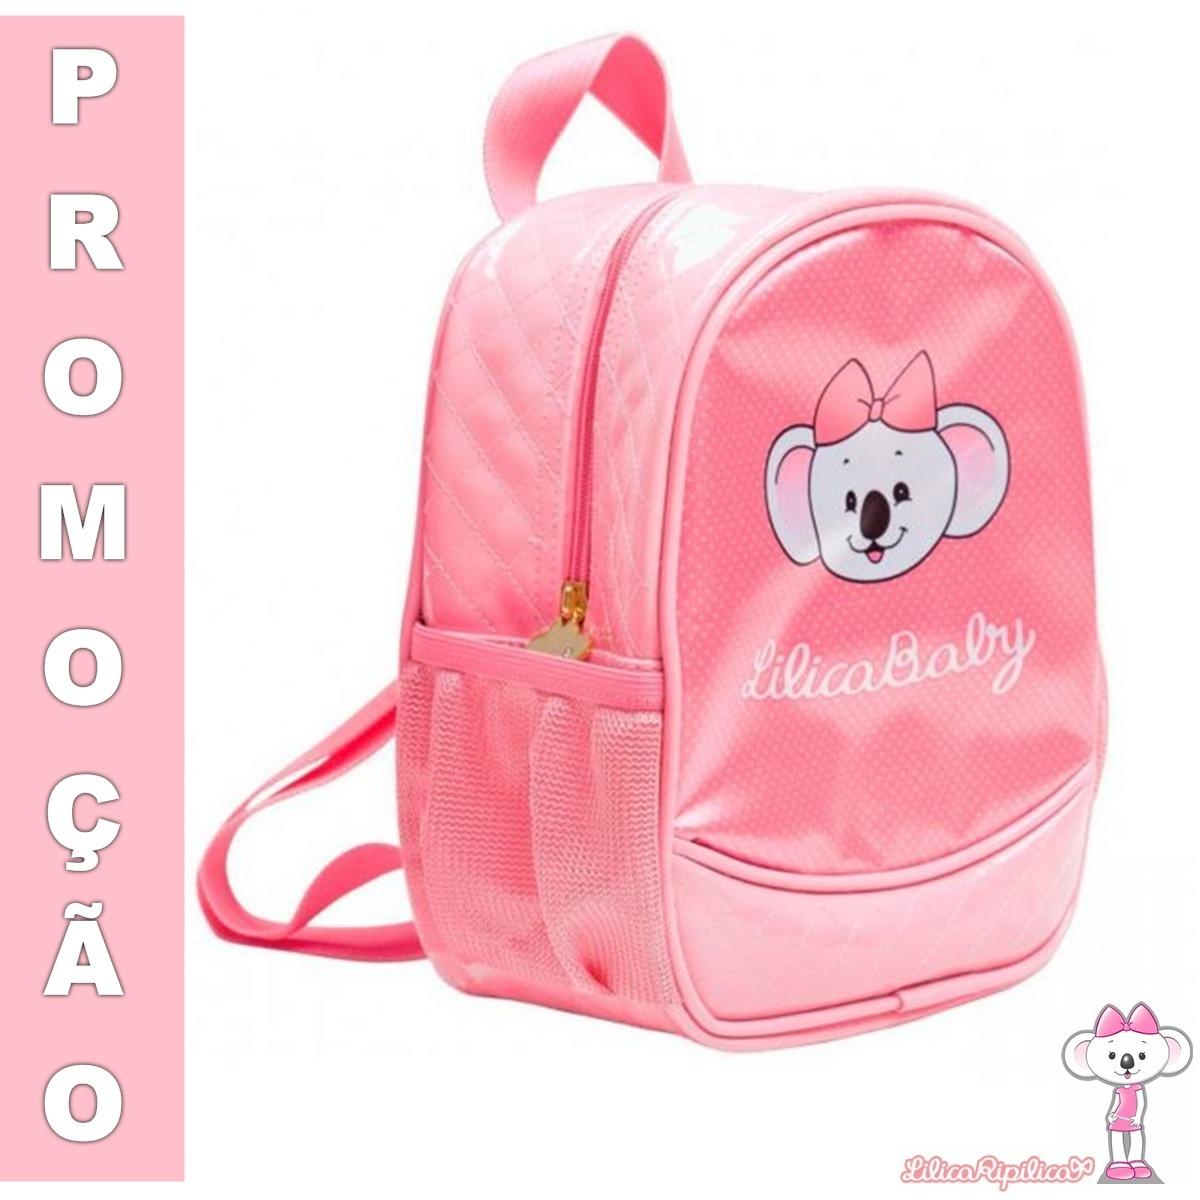 668421f87 mochila bolsas malas infantil rosa lilica ripilica original,. Carregando  zoom.